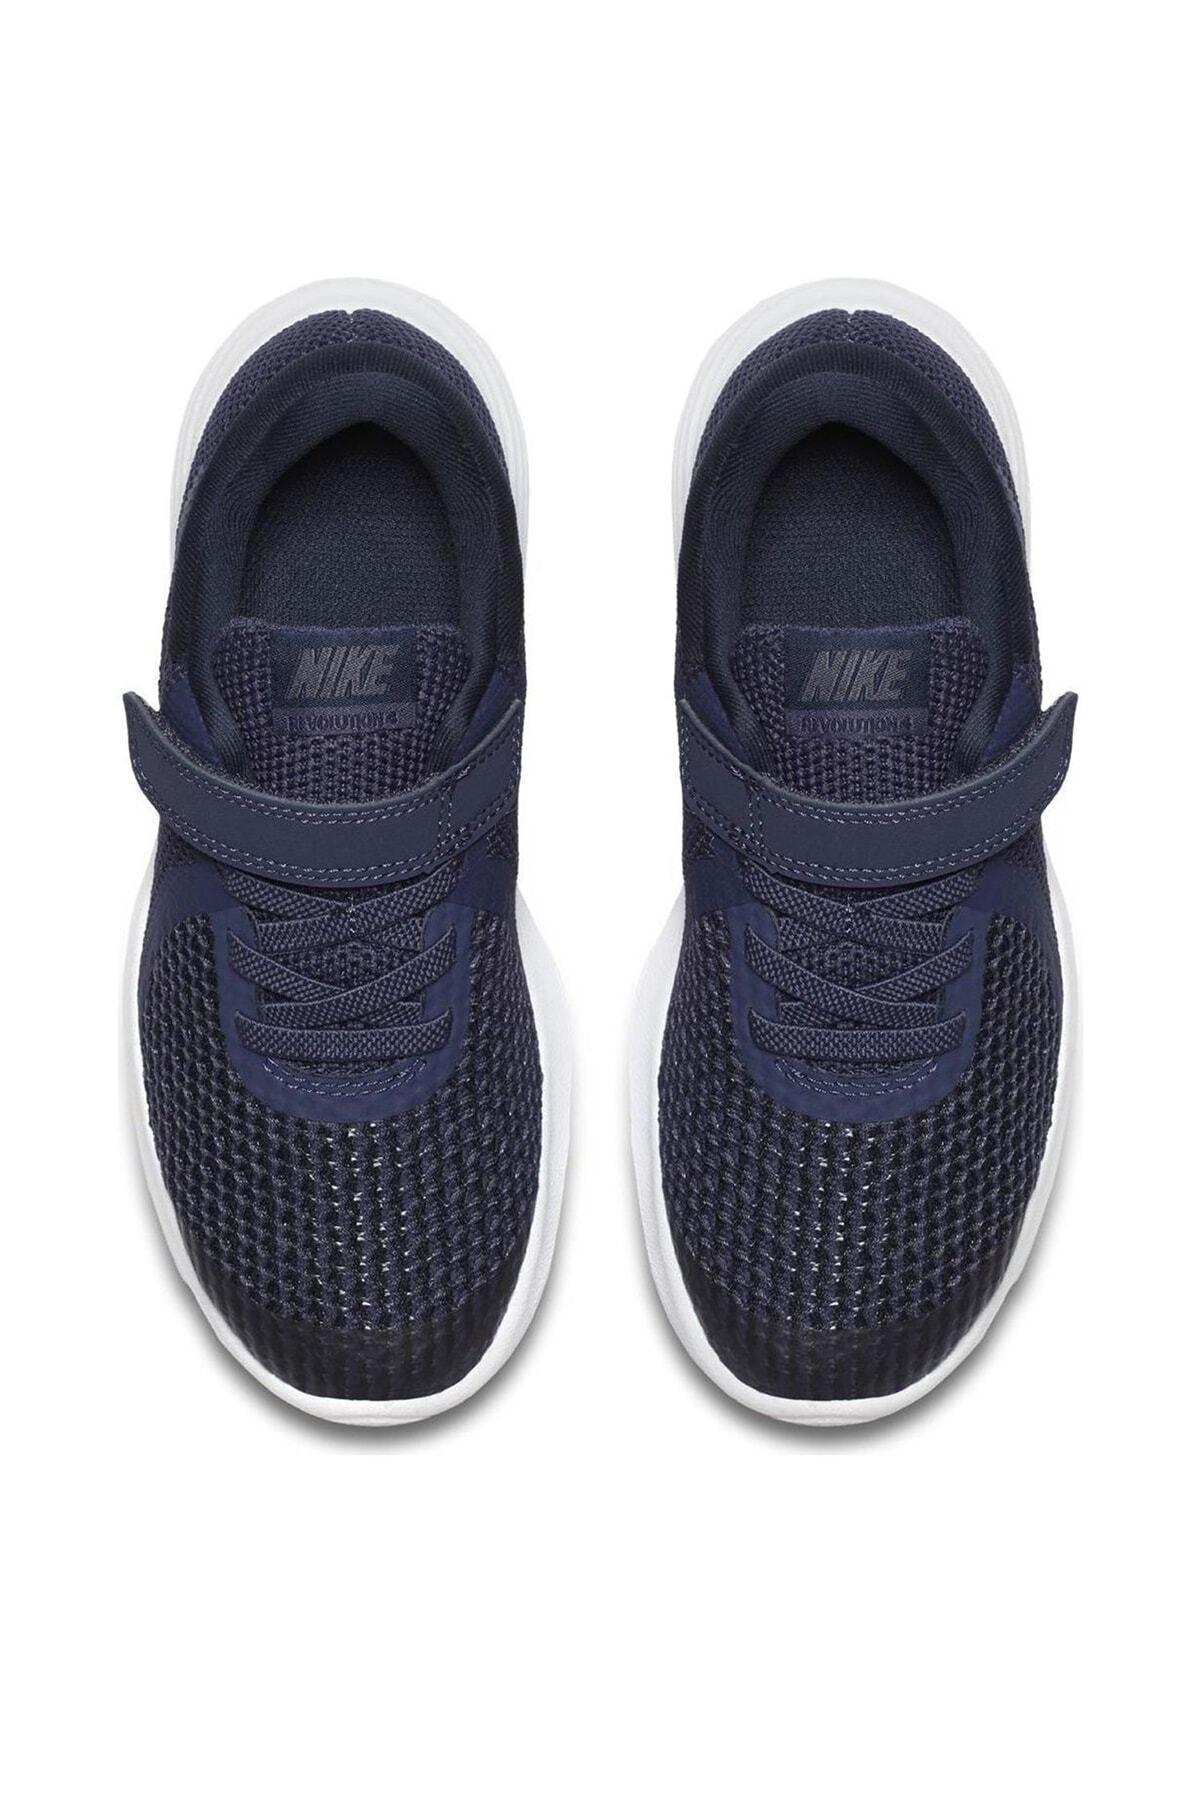 Nike Kids Lacivert Revolution 4 Psv Unisex Çocuk Ayakkabı 943305 2